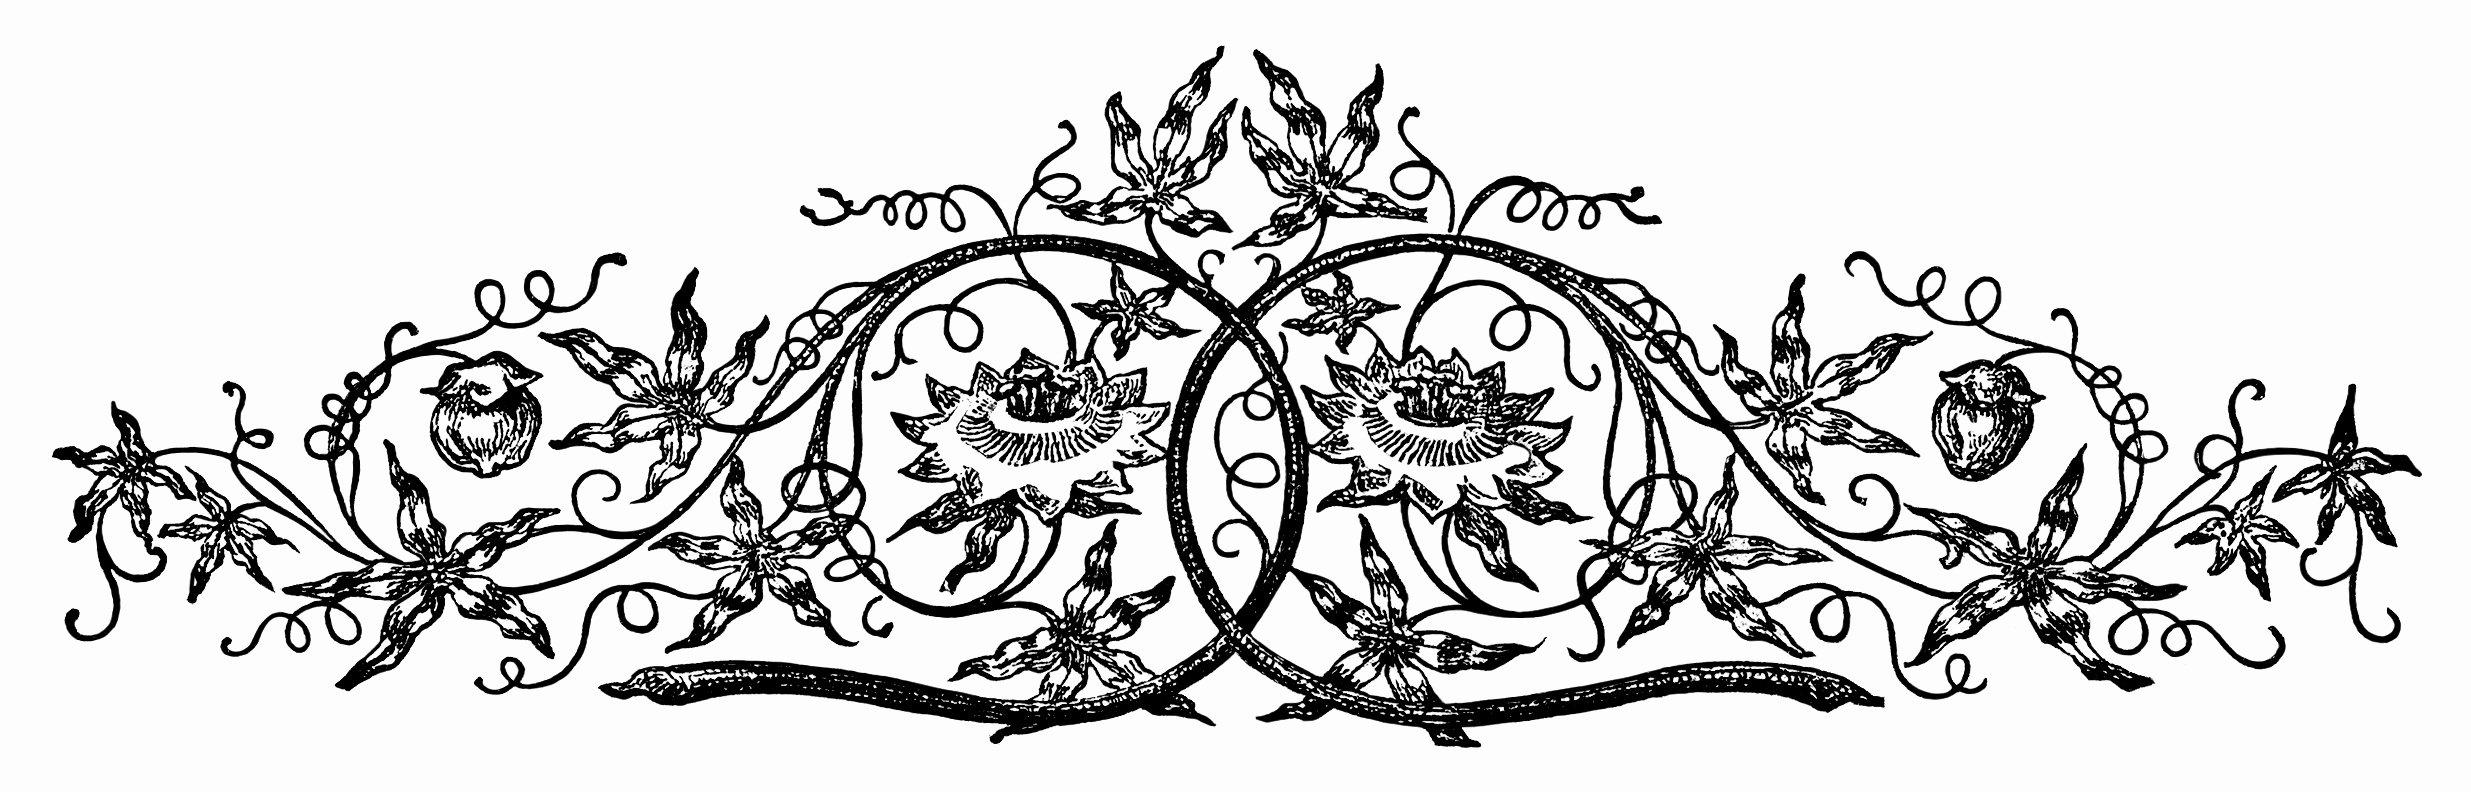 Black and White Designs Art Elegant Frames and ornamental Archives Old Design Shop Blog